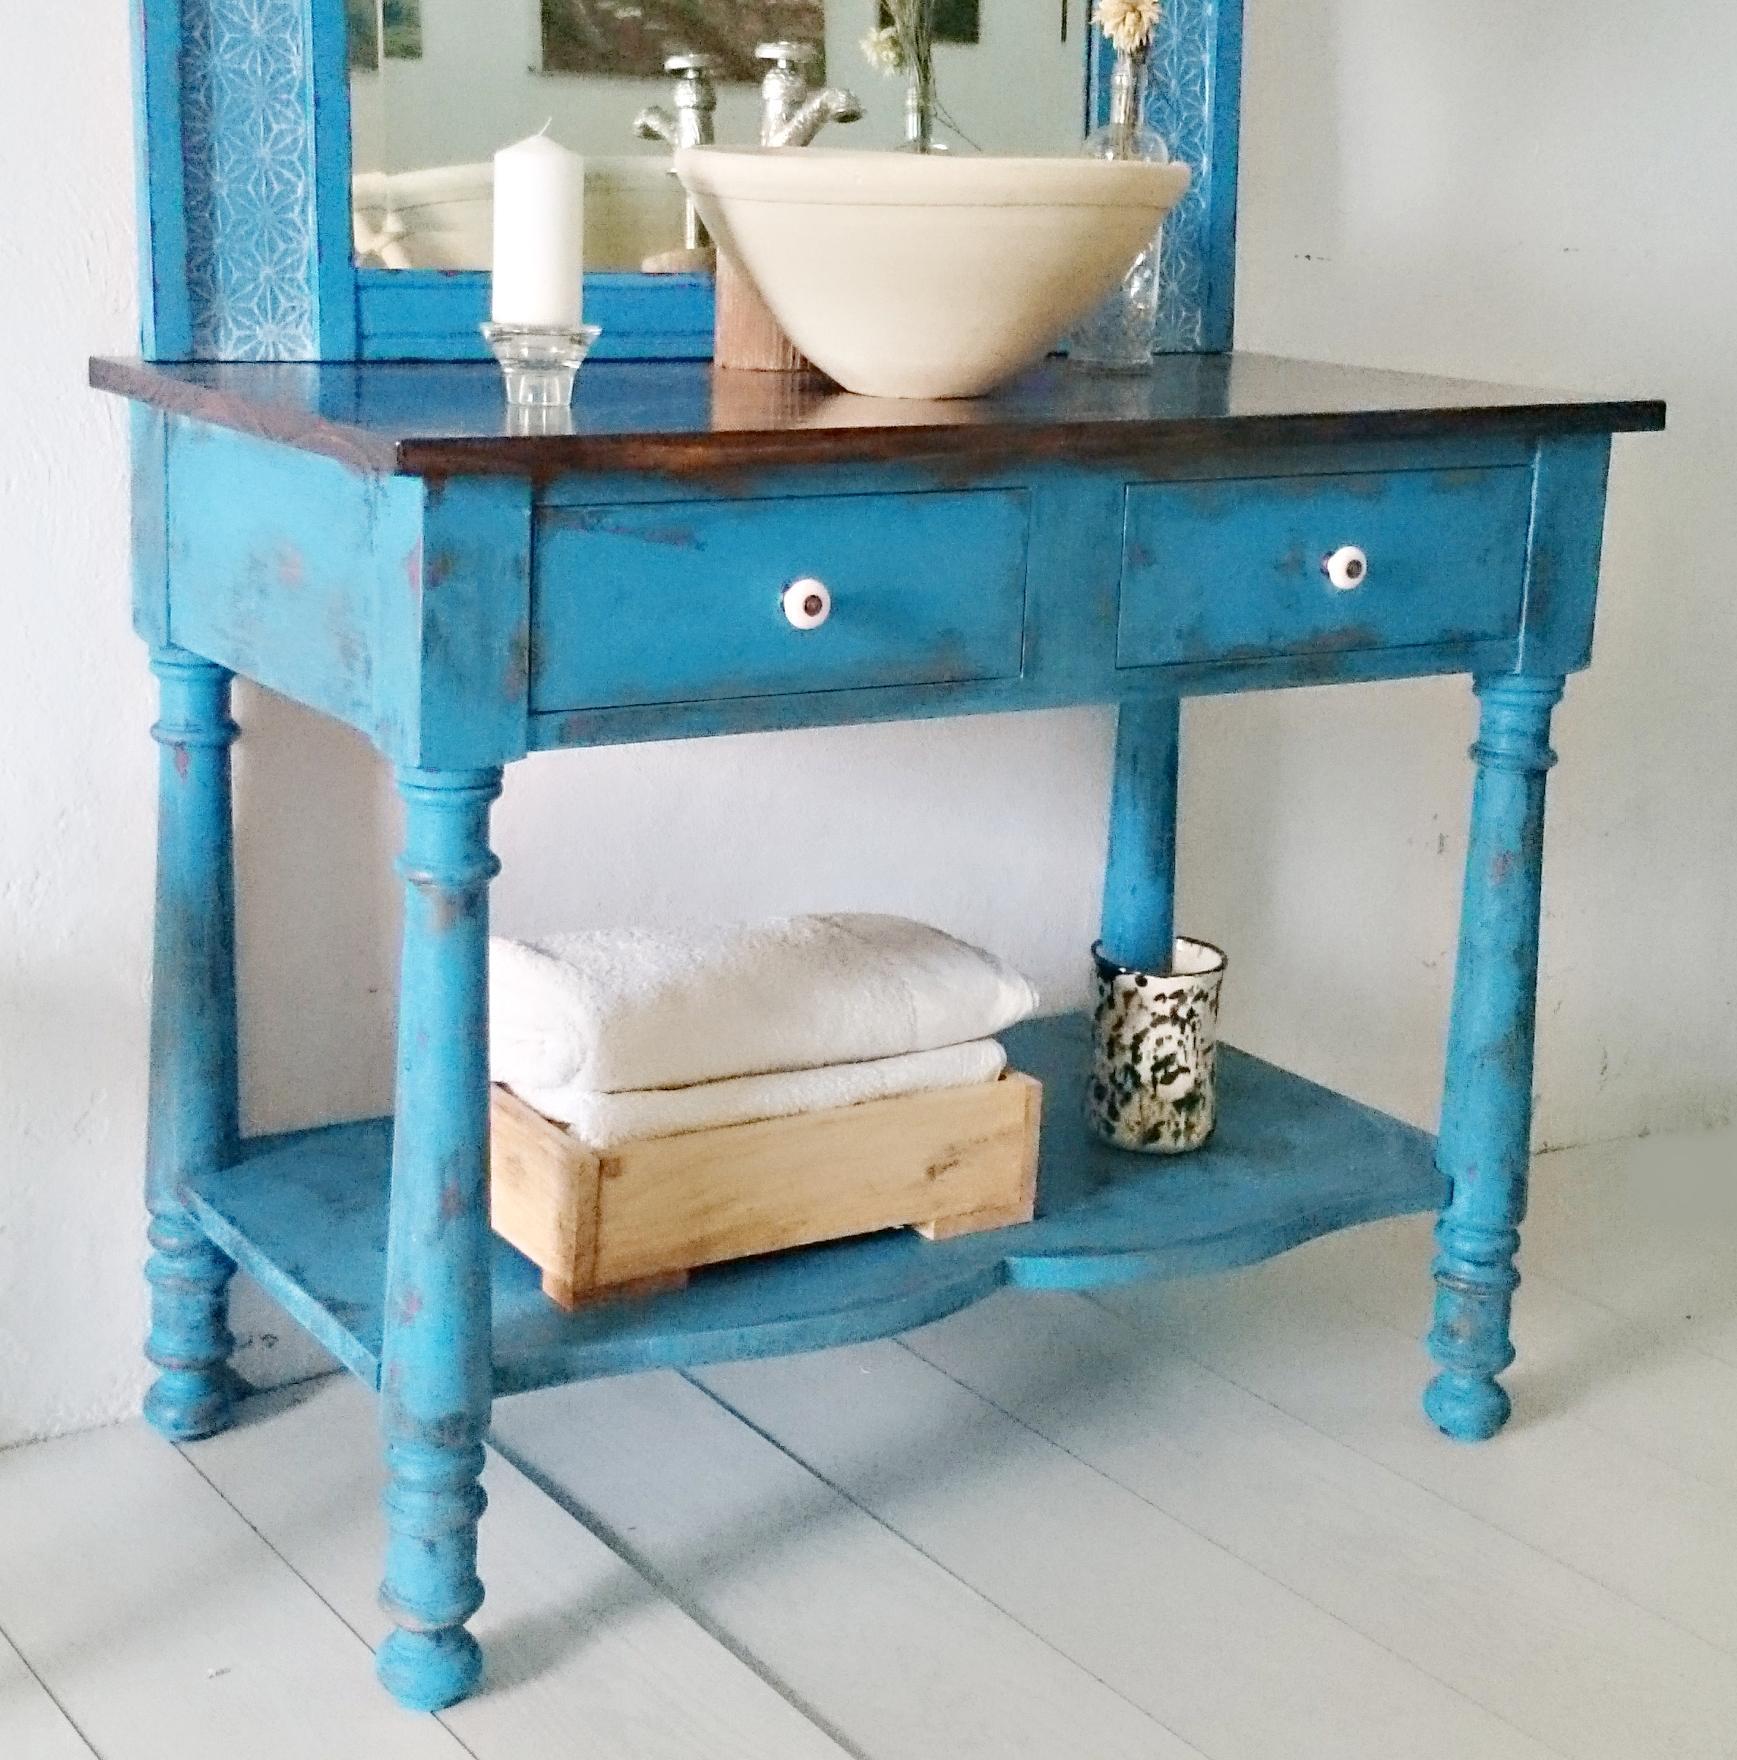 Mueble de ba o en azul decapado tienda online de for Muebles de bano azul